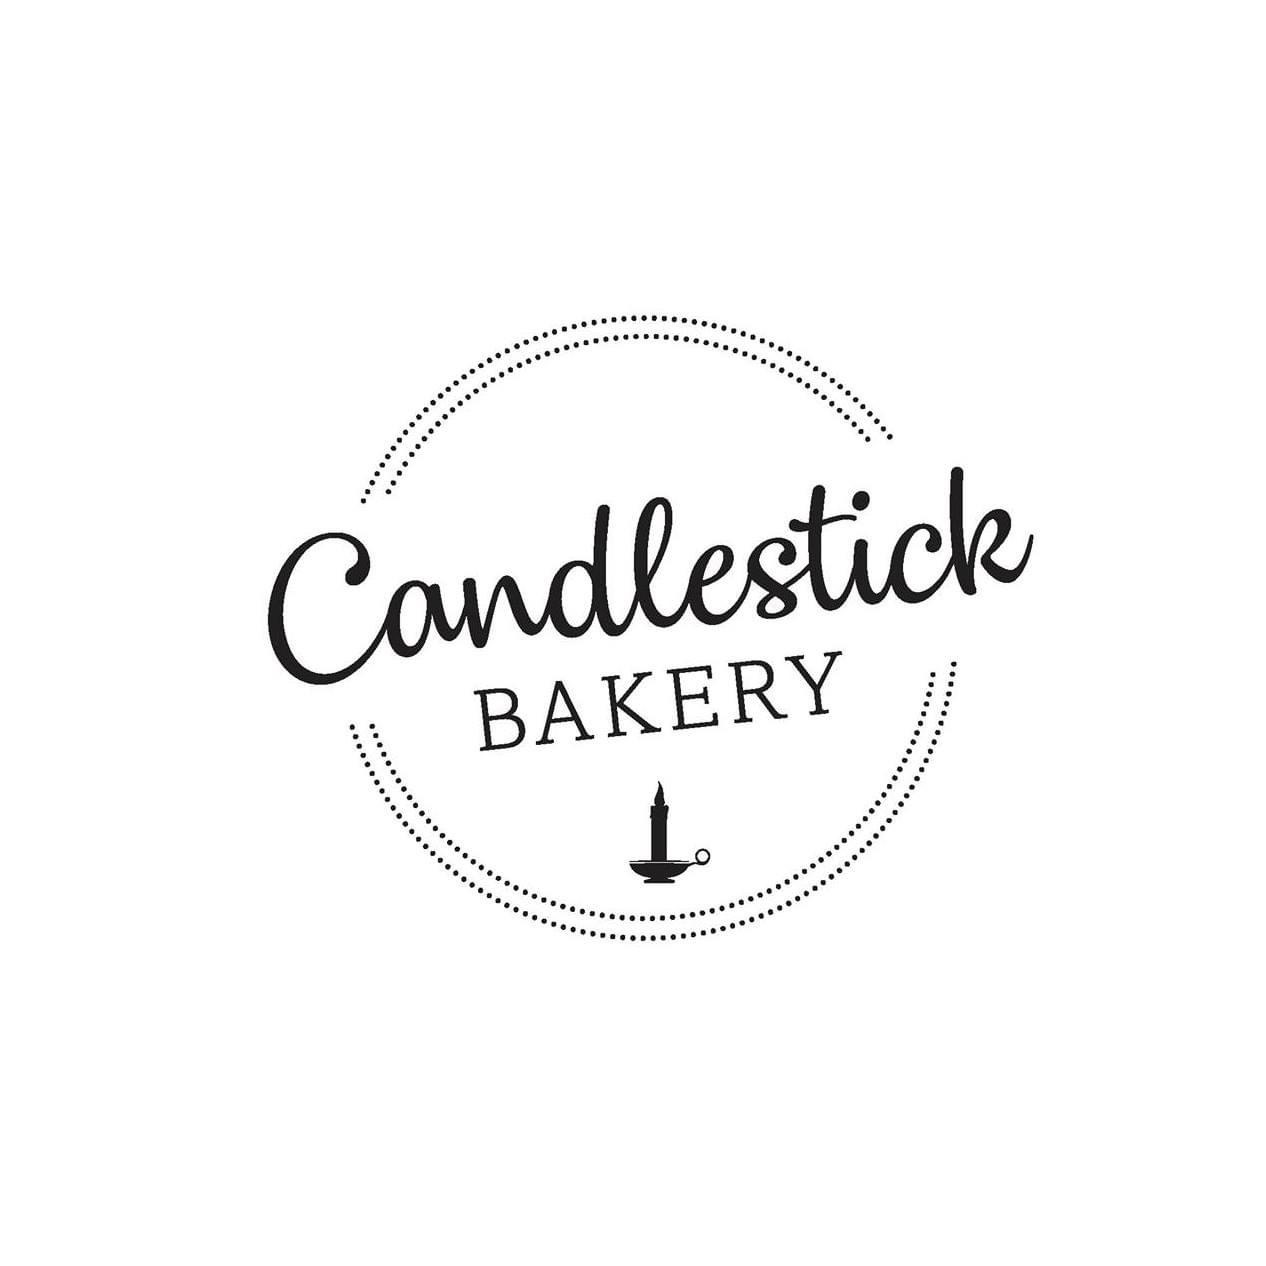 Candlestick Bakery